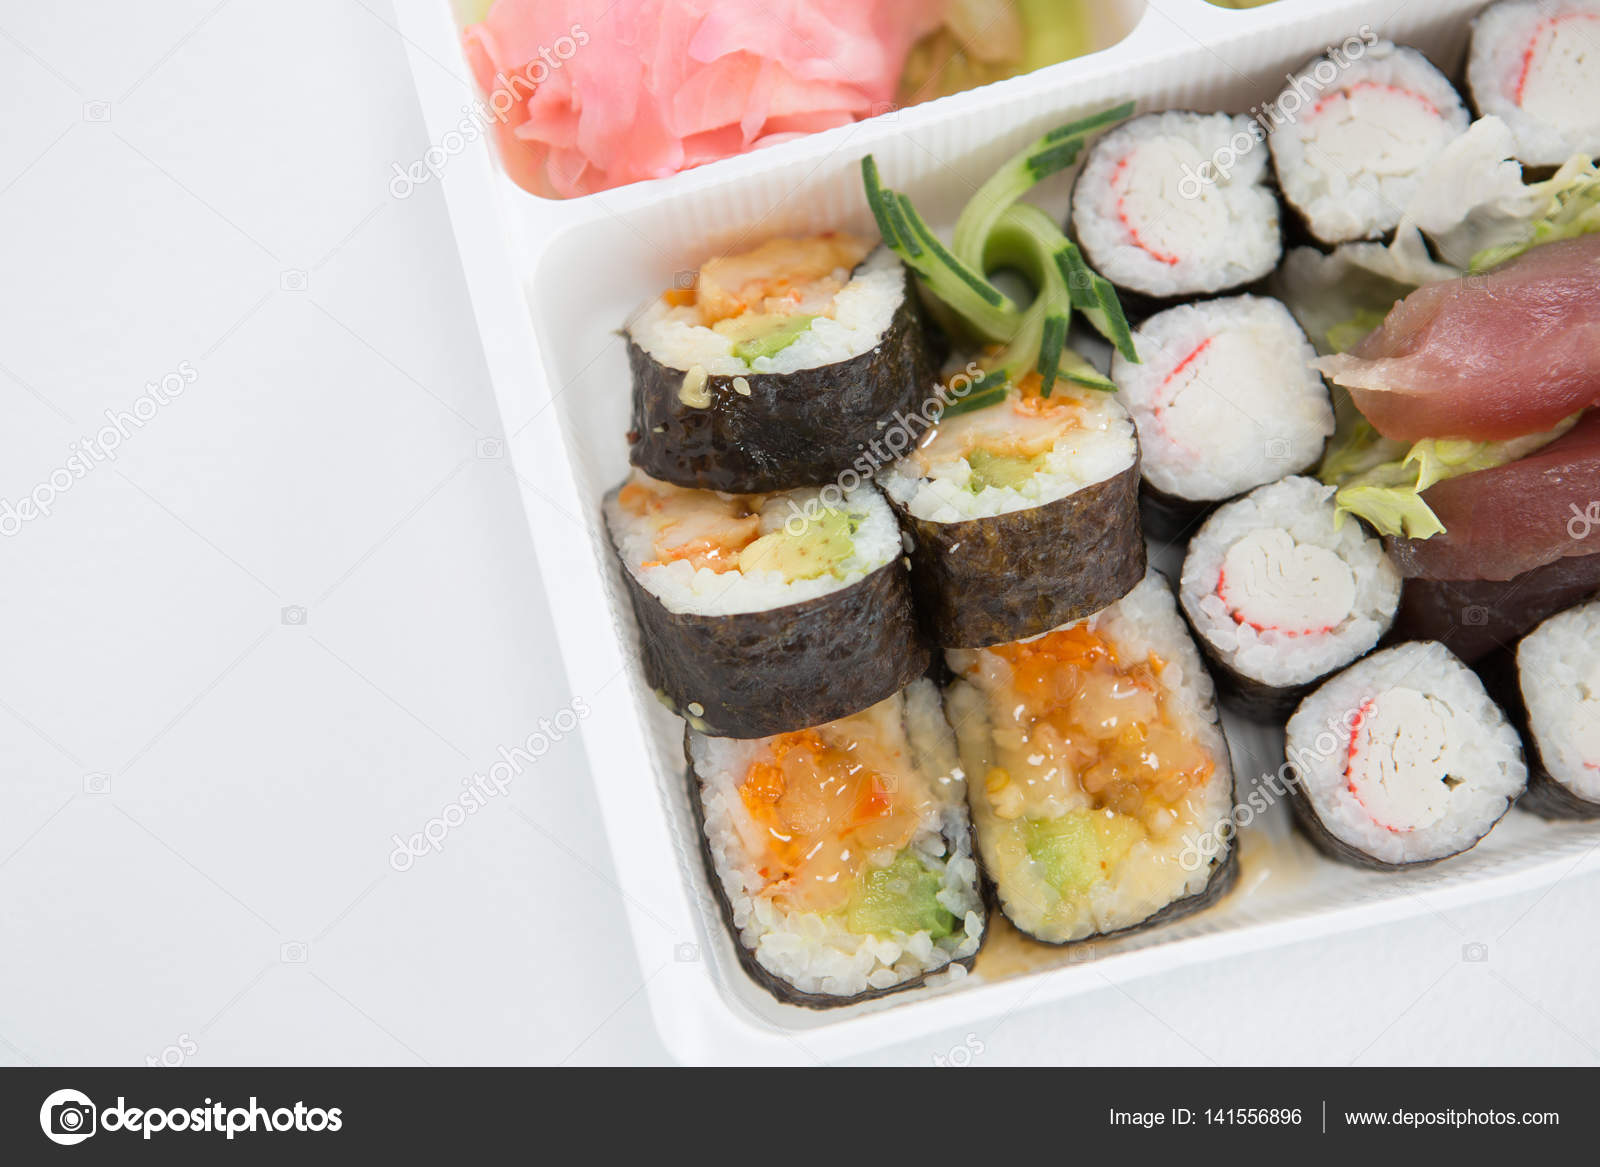 Bandeja de sushi variado stock photo wavebreakmedia 141556896 - Bandejas para sushi ...